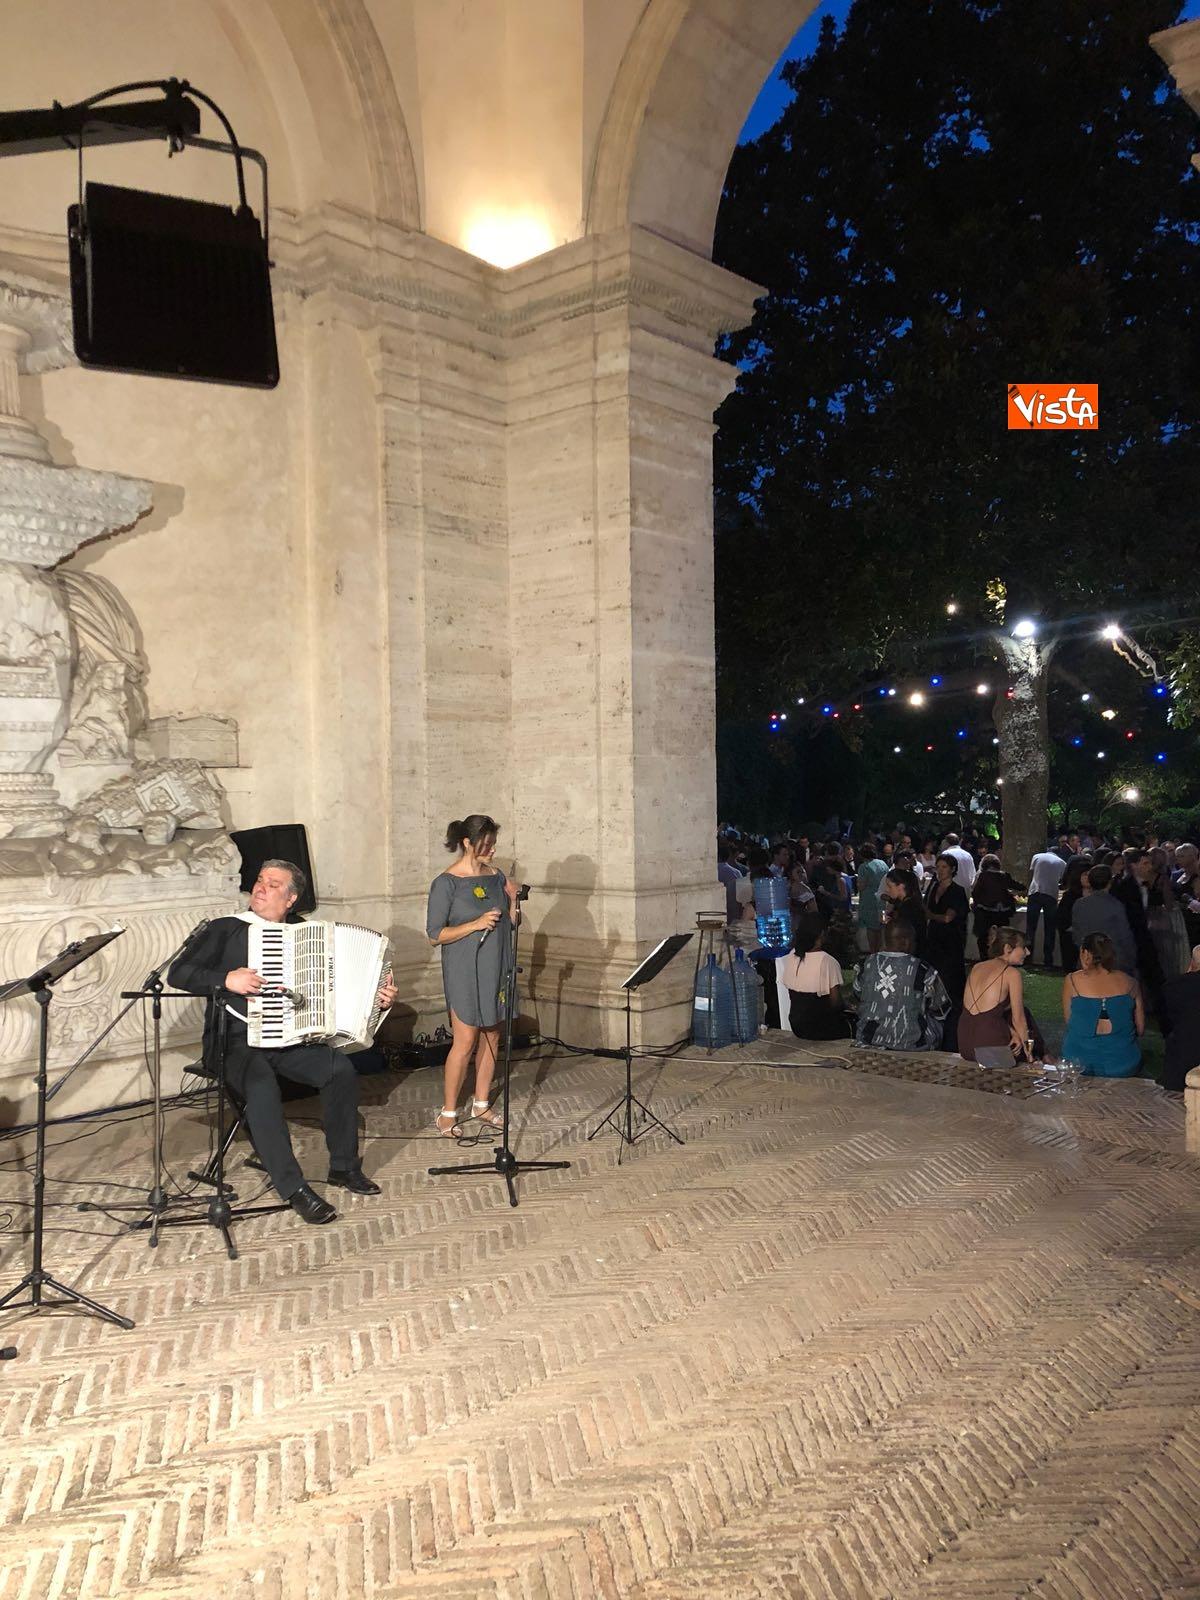 14-07-18 14 Luglio all'Ambasciata francese, nel cortile risuona l'Inno di Mameli_21